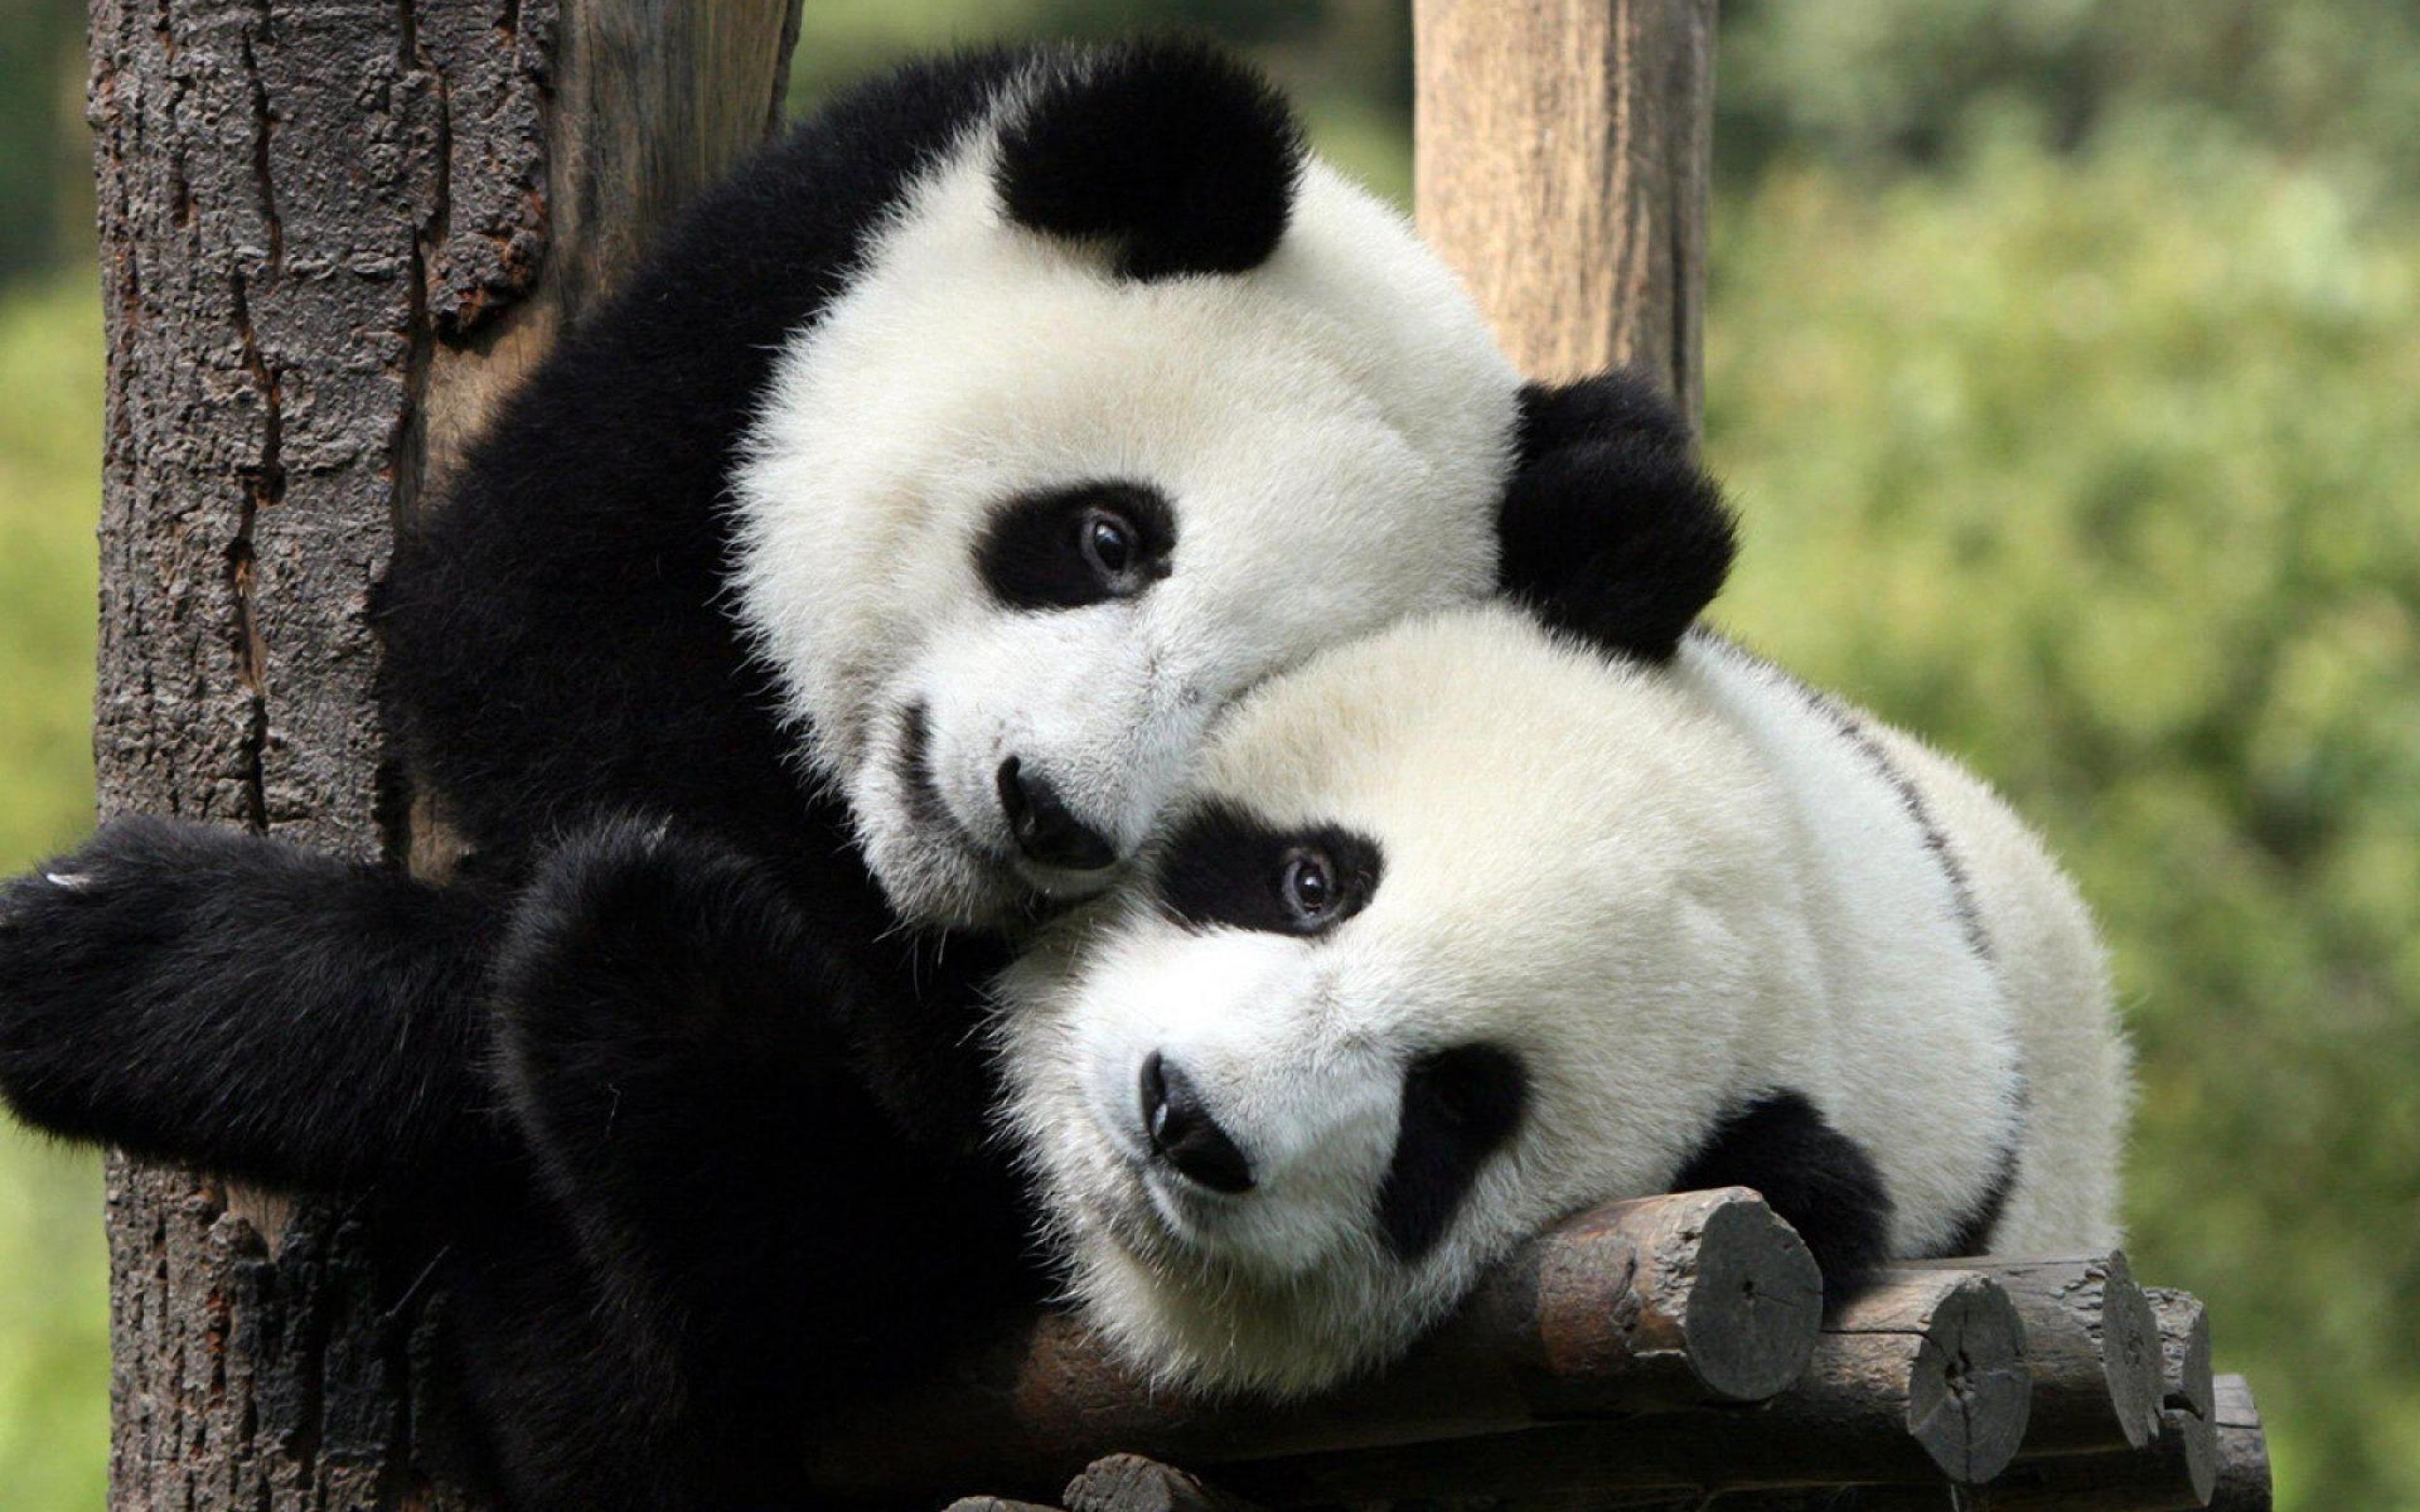 Panda Bear Background (44+ images)